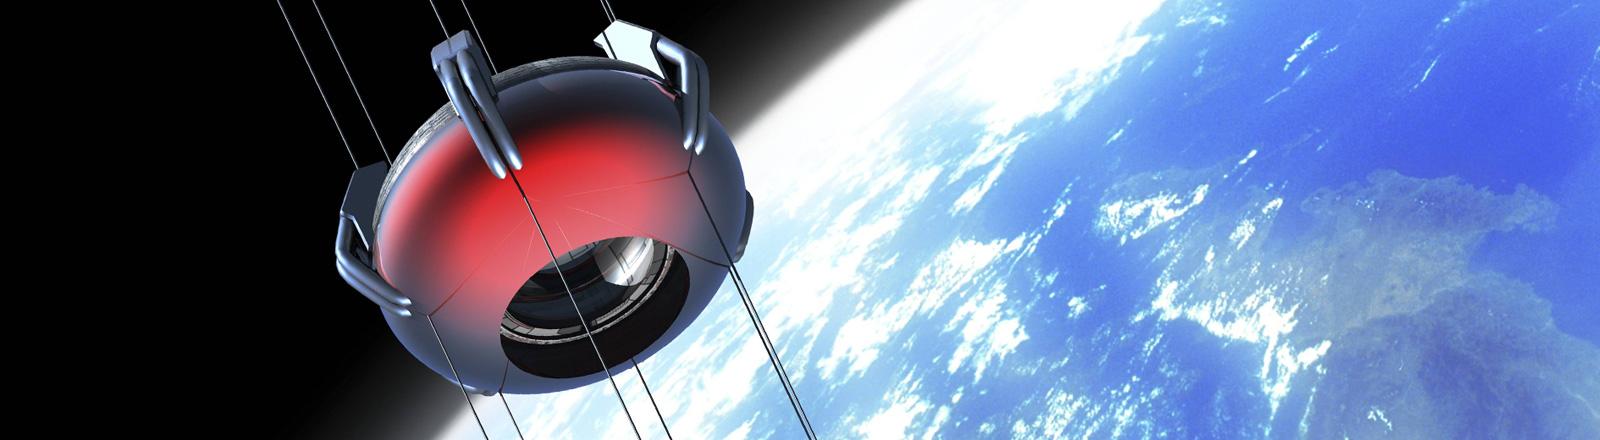 Illustration eines Weltraumaufzuges. An Seilen hängt ein runder Aufzug. Im Hintergrund sind Erde und Mond zu sehen.